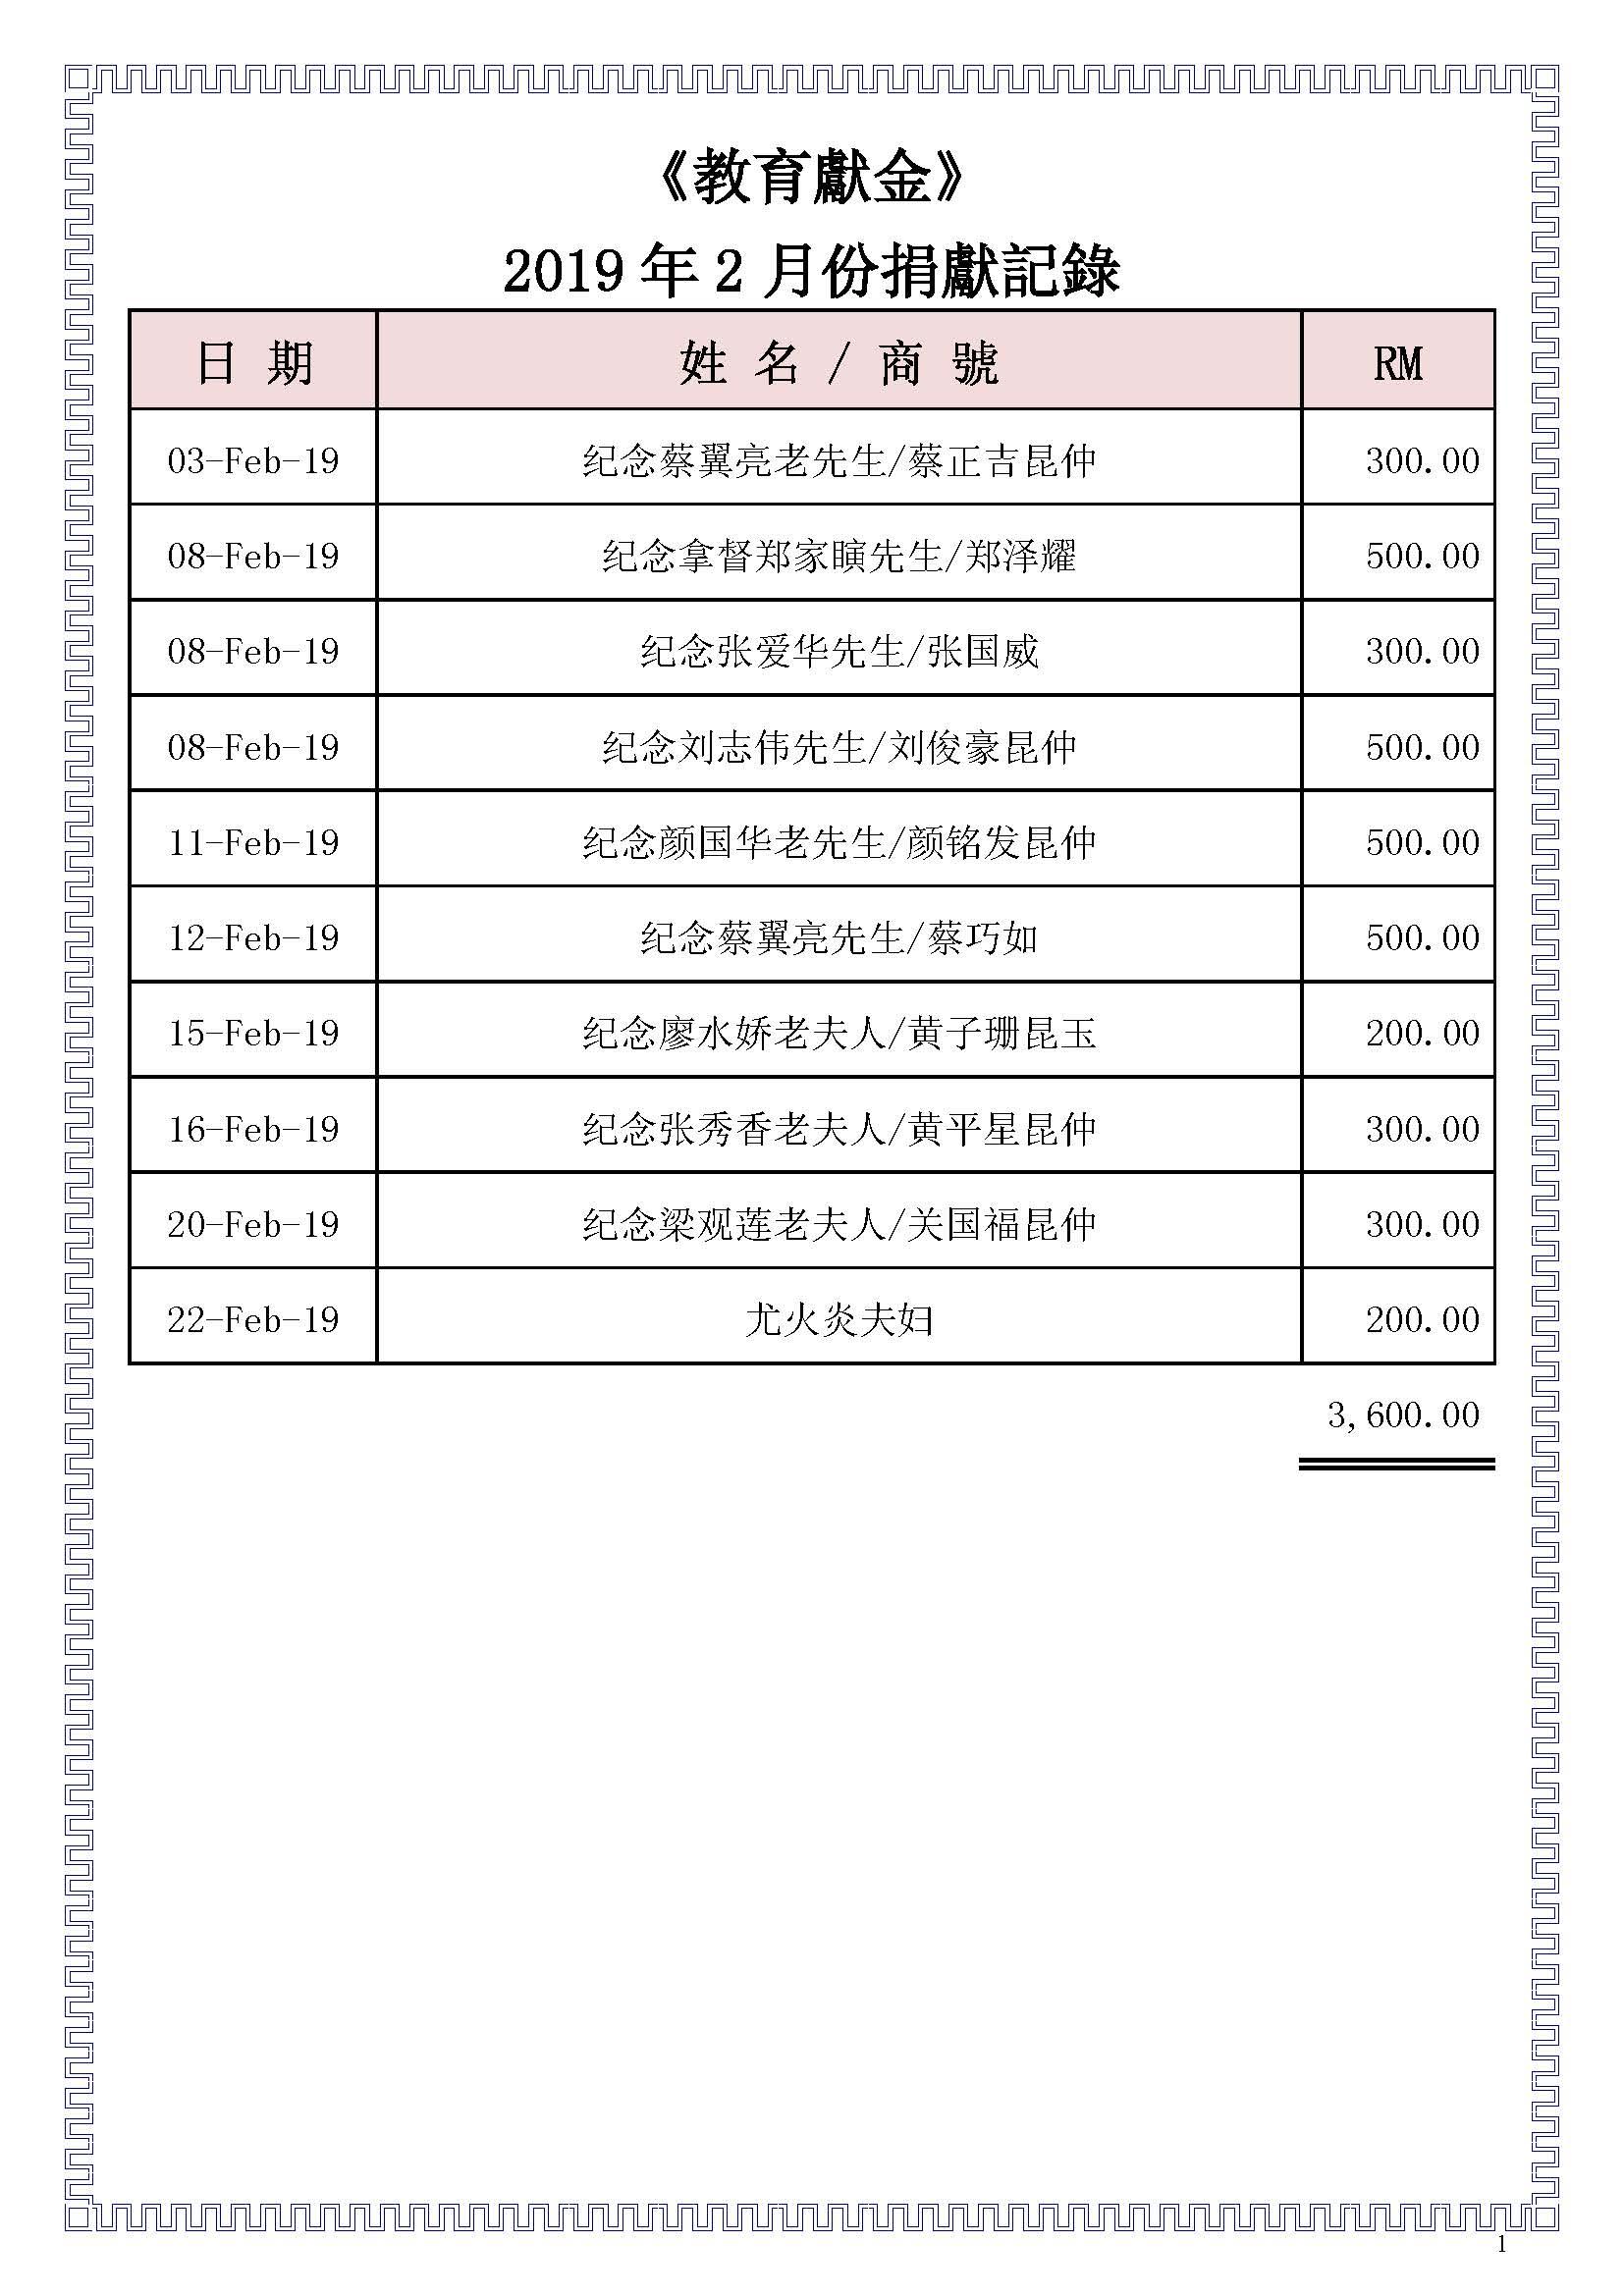 2019年2月份捐獻記錄—修改后_Page_1